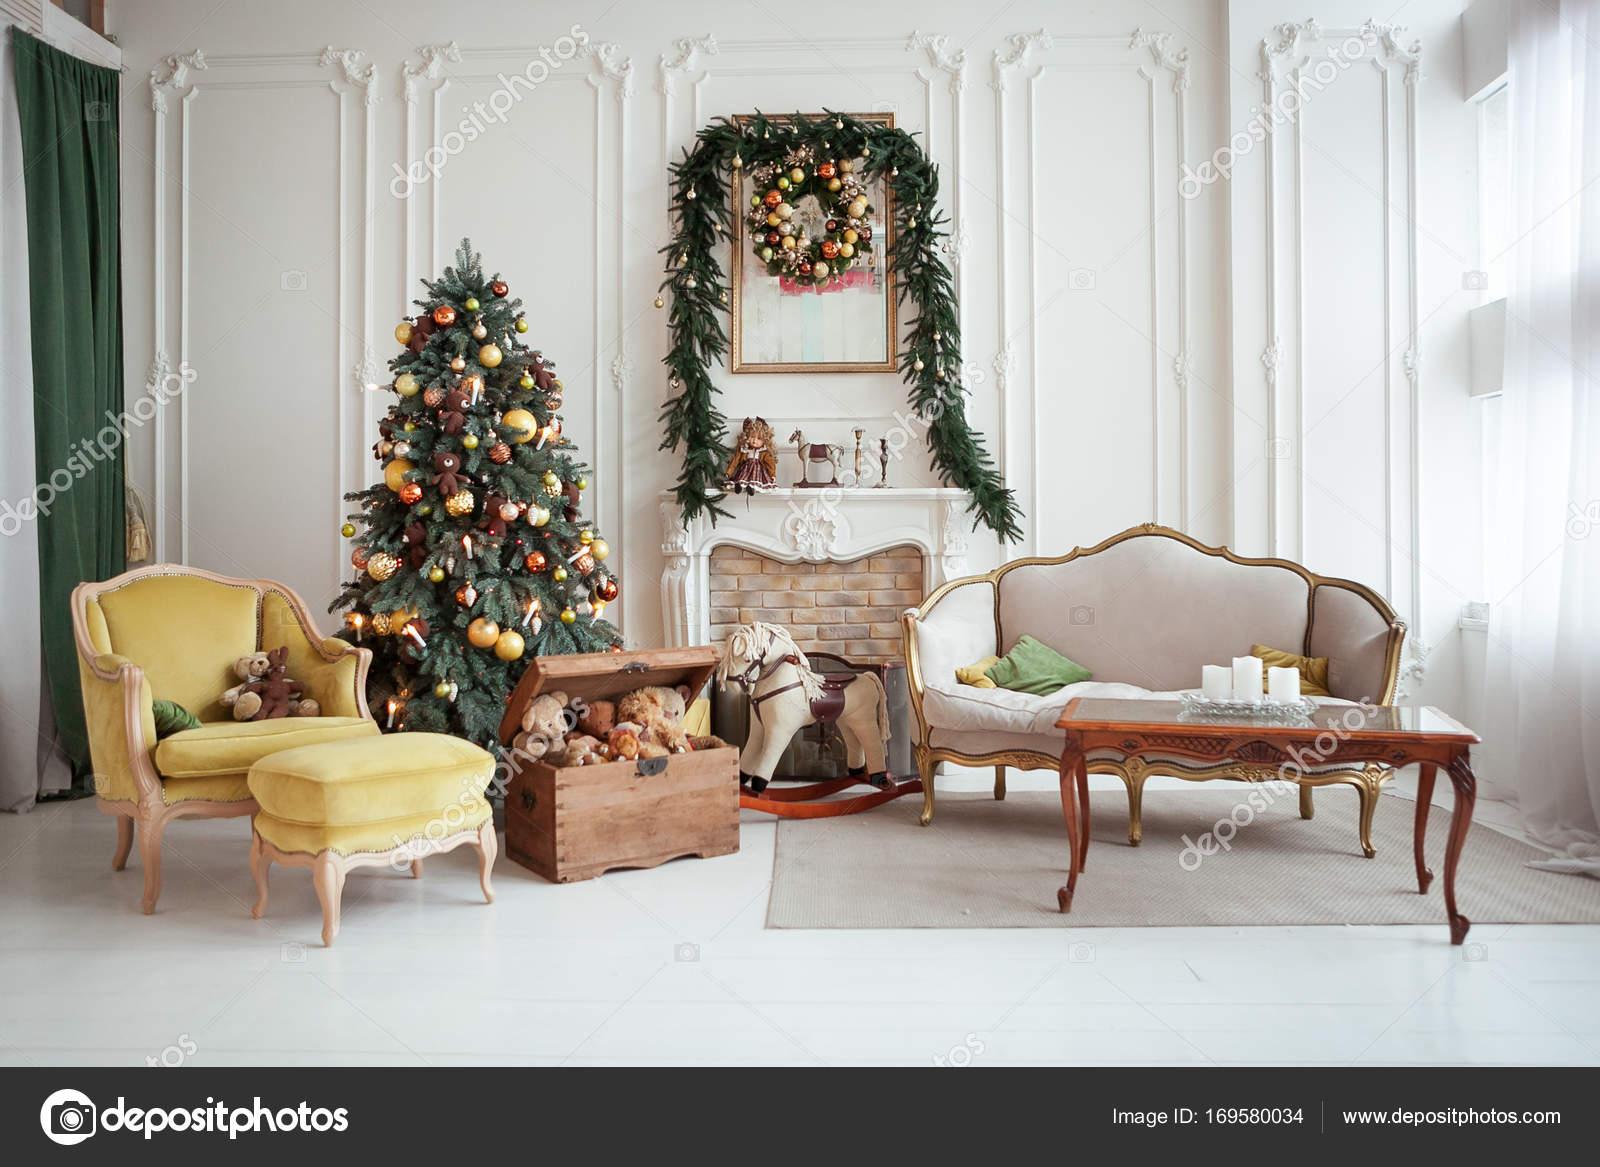 Dekoration Für Wohnzimmer | Schone Weihnachten Interieur Silvester Dekoration Wohnzimmer Mit